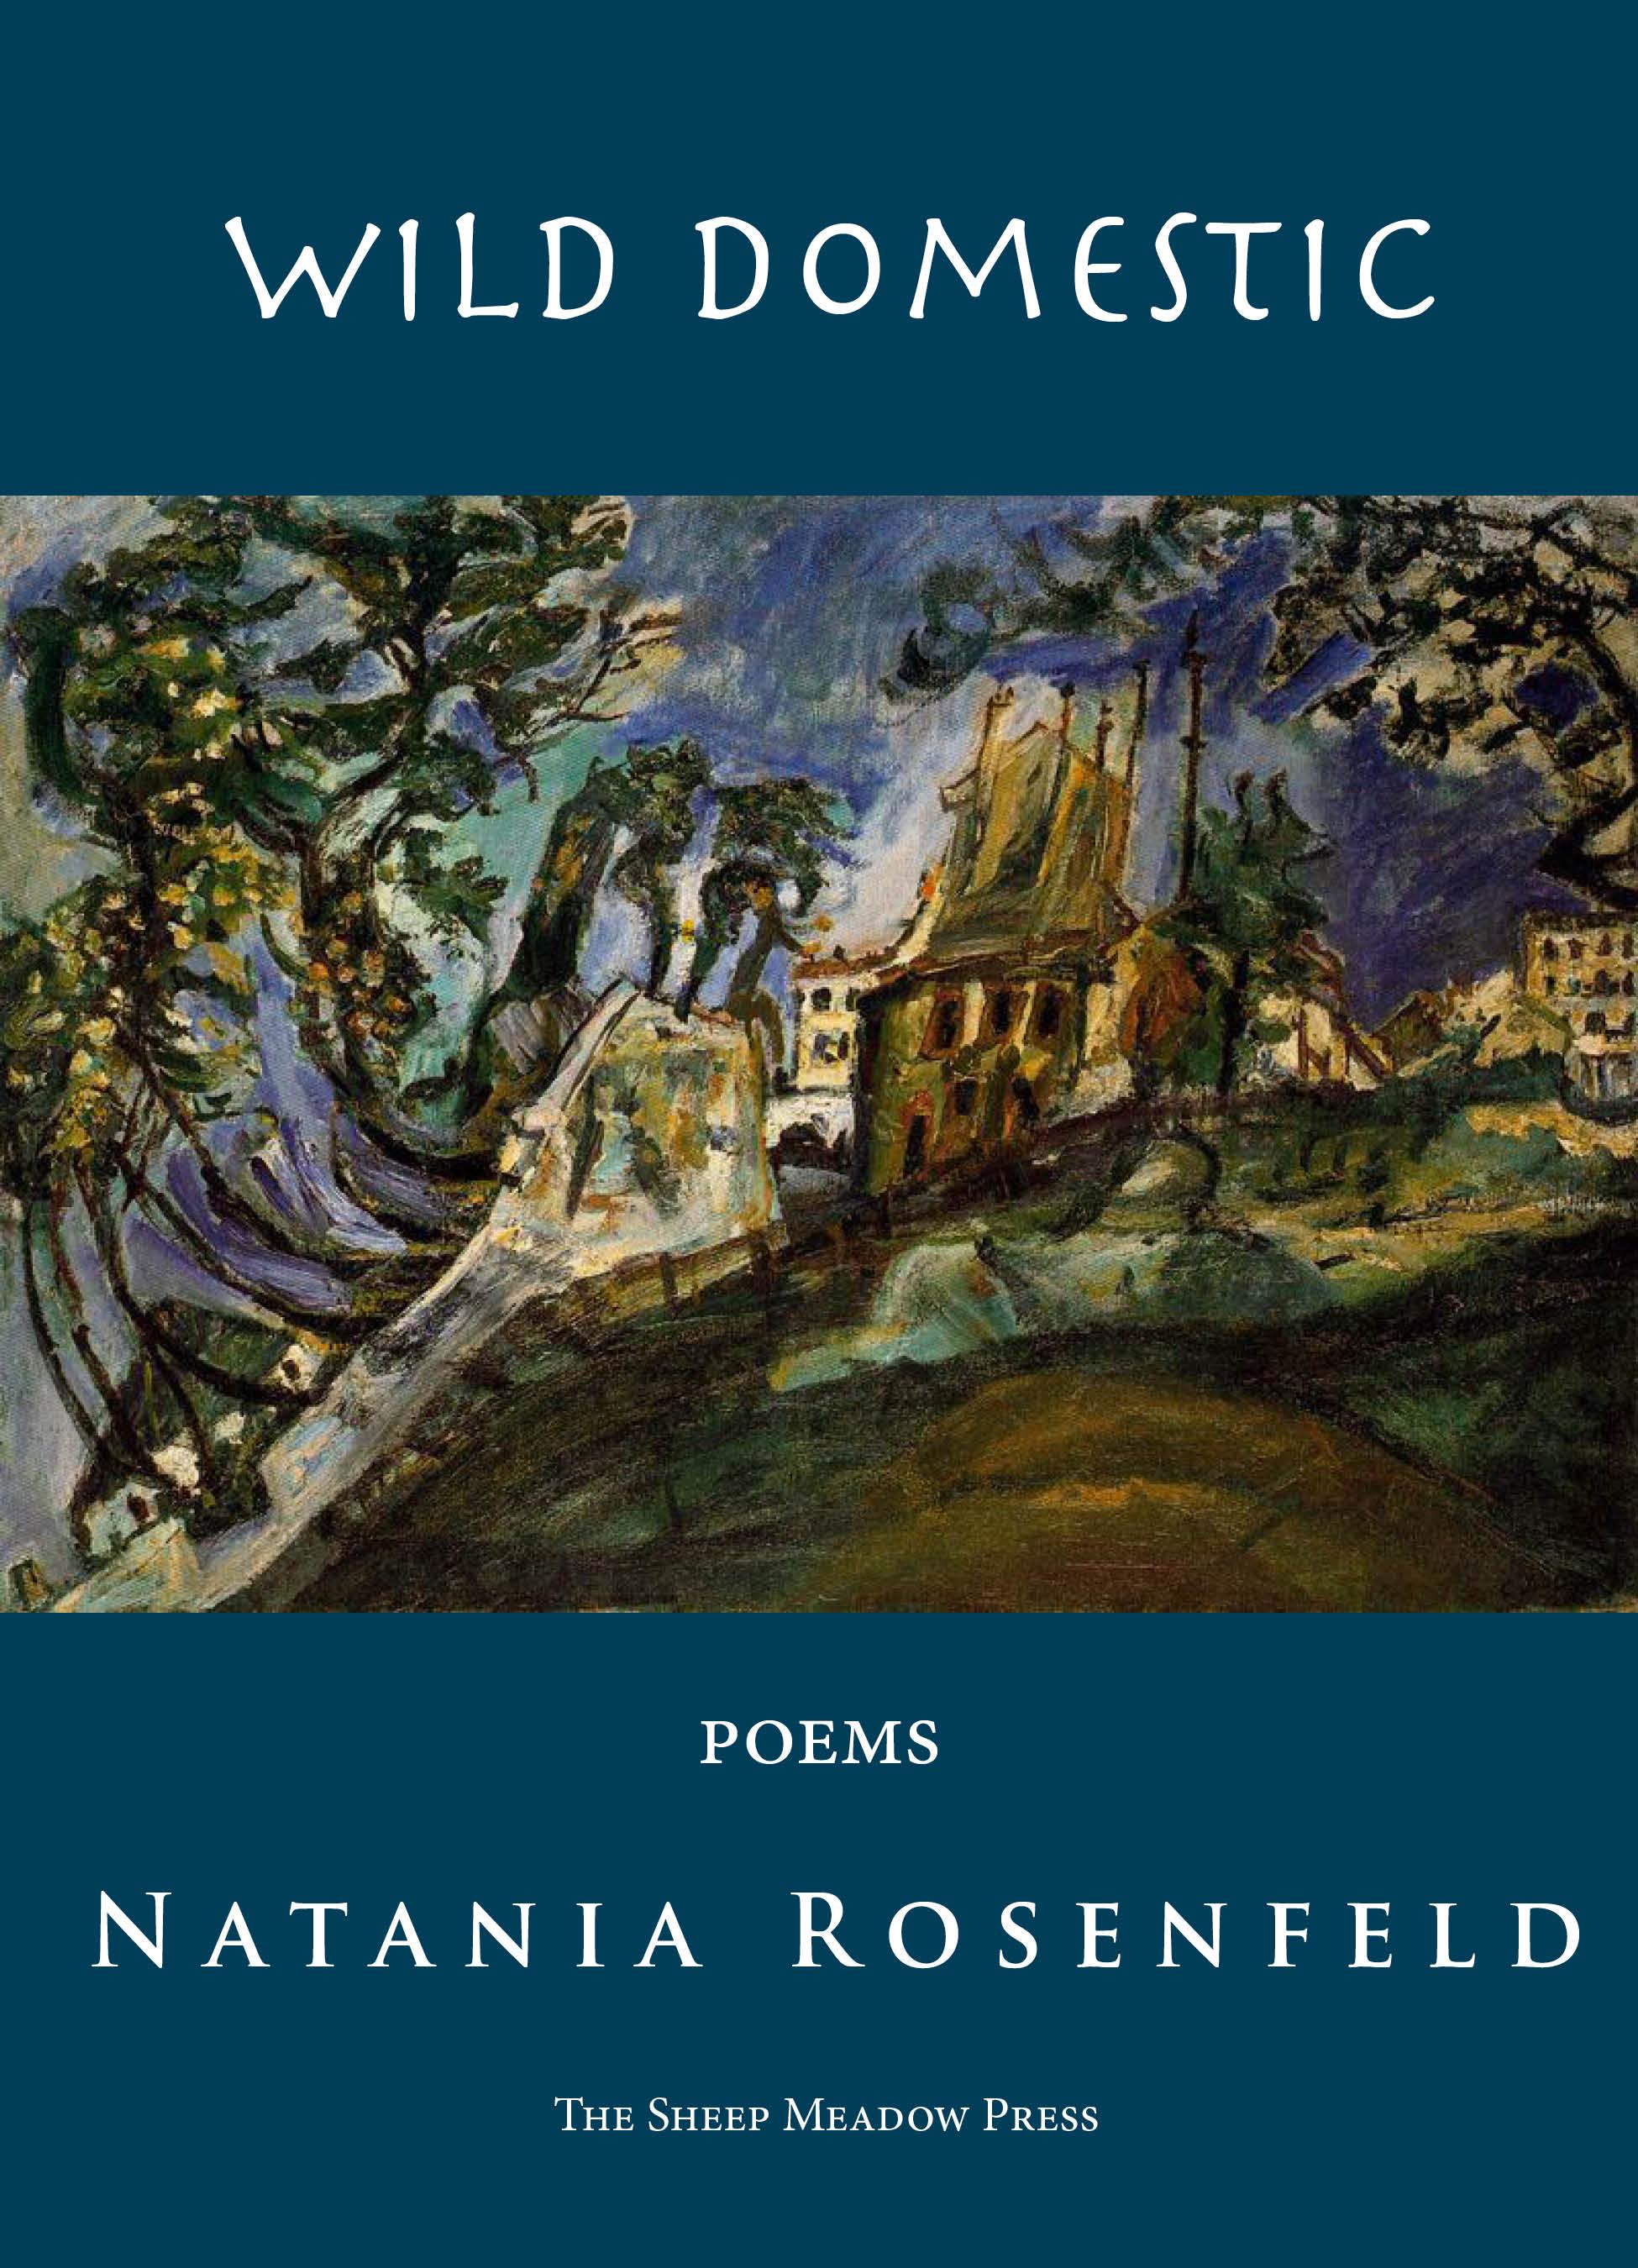 Rosenfeld_Wild Domestic_Cover.jpg